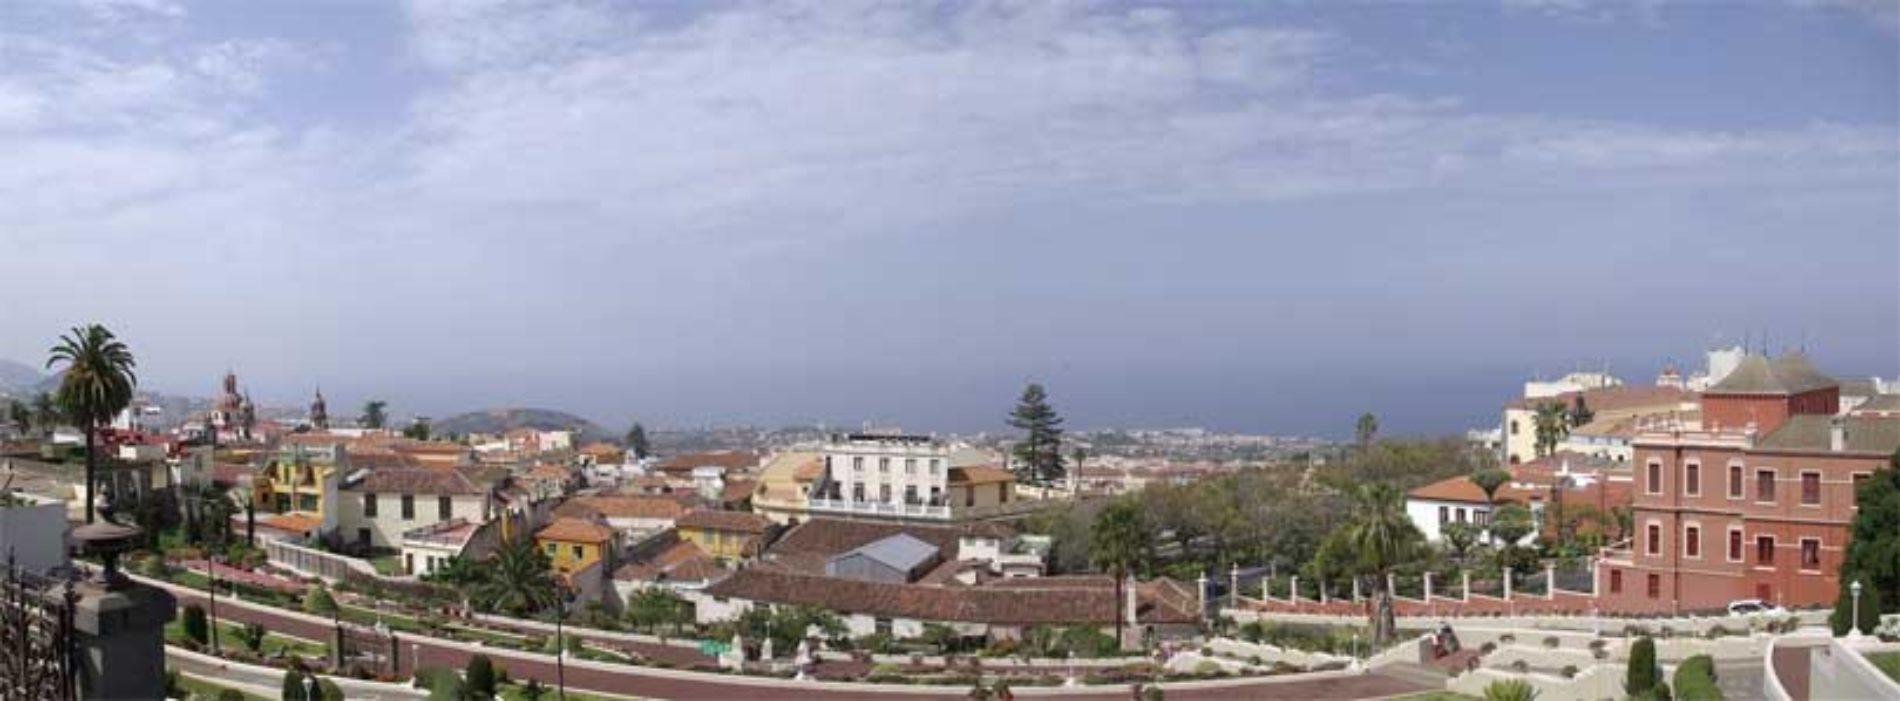 La Orotava – en av Tenerifes vakreste byer